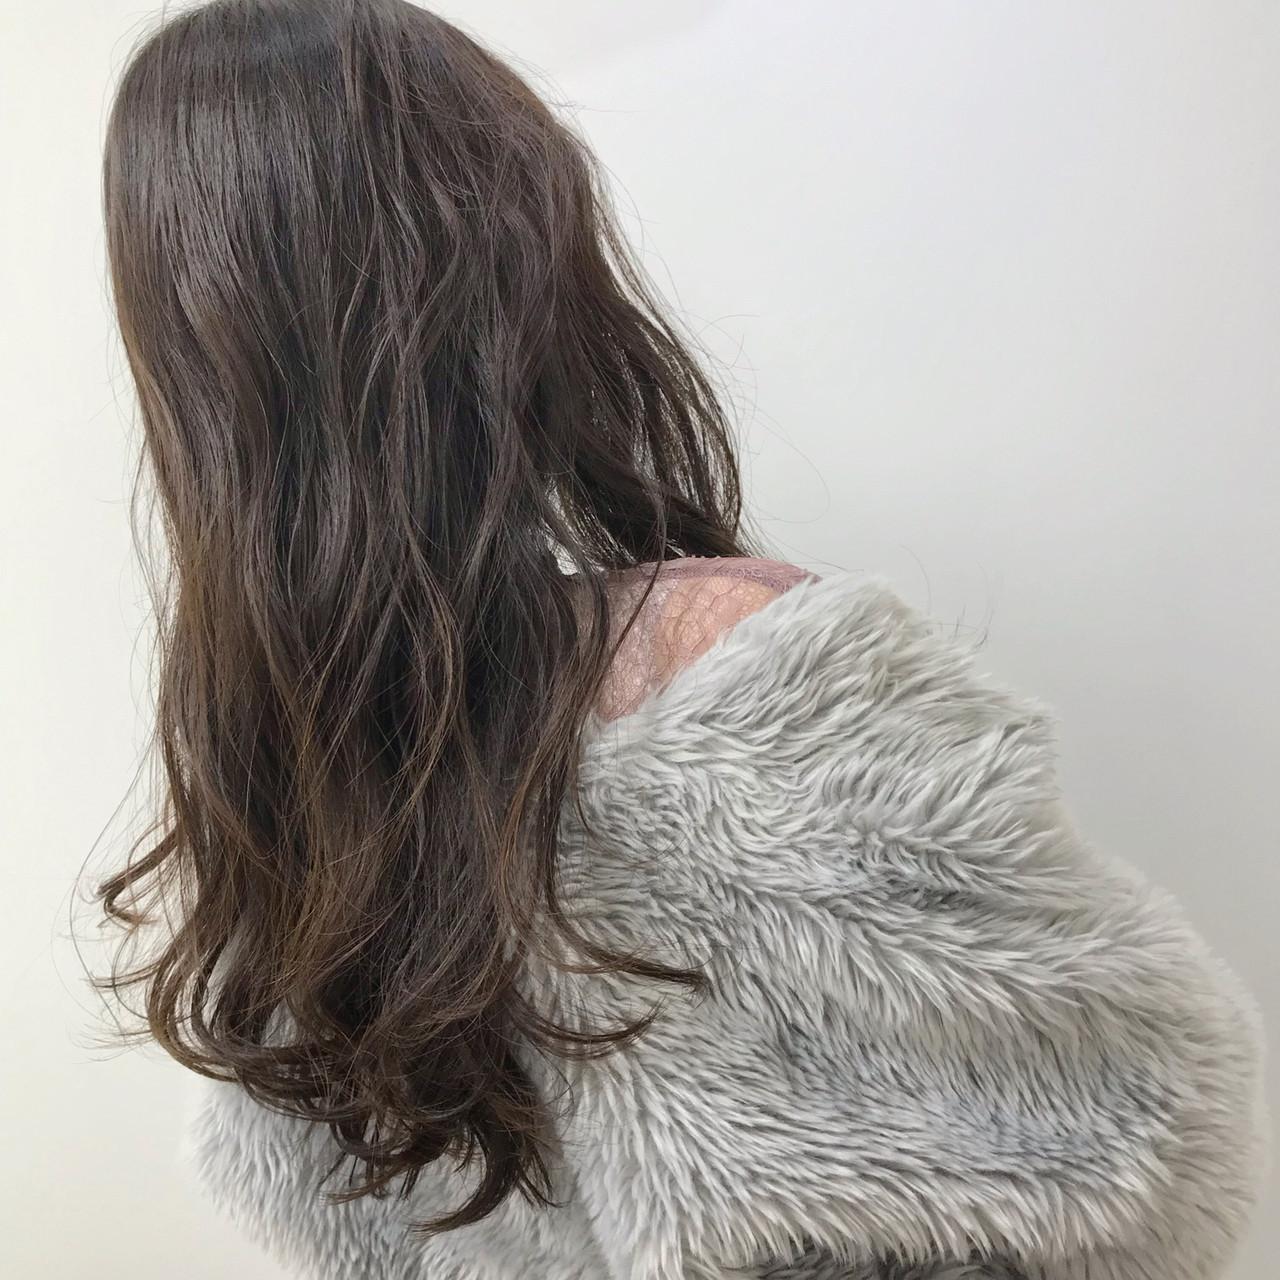 ベージュ 大人カジュアル ロング 福岡市 ヘアスタイルや髪型の写真・画像